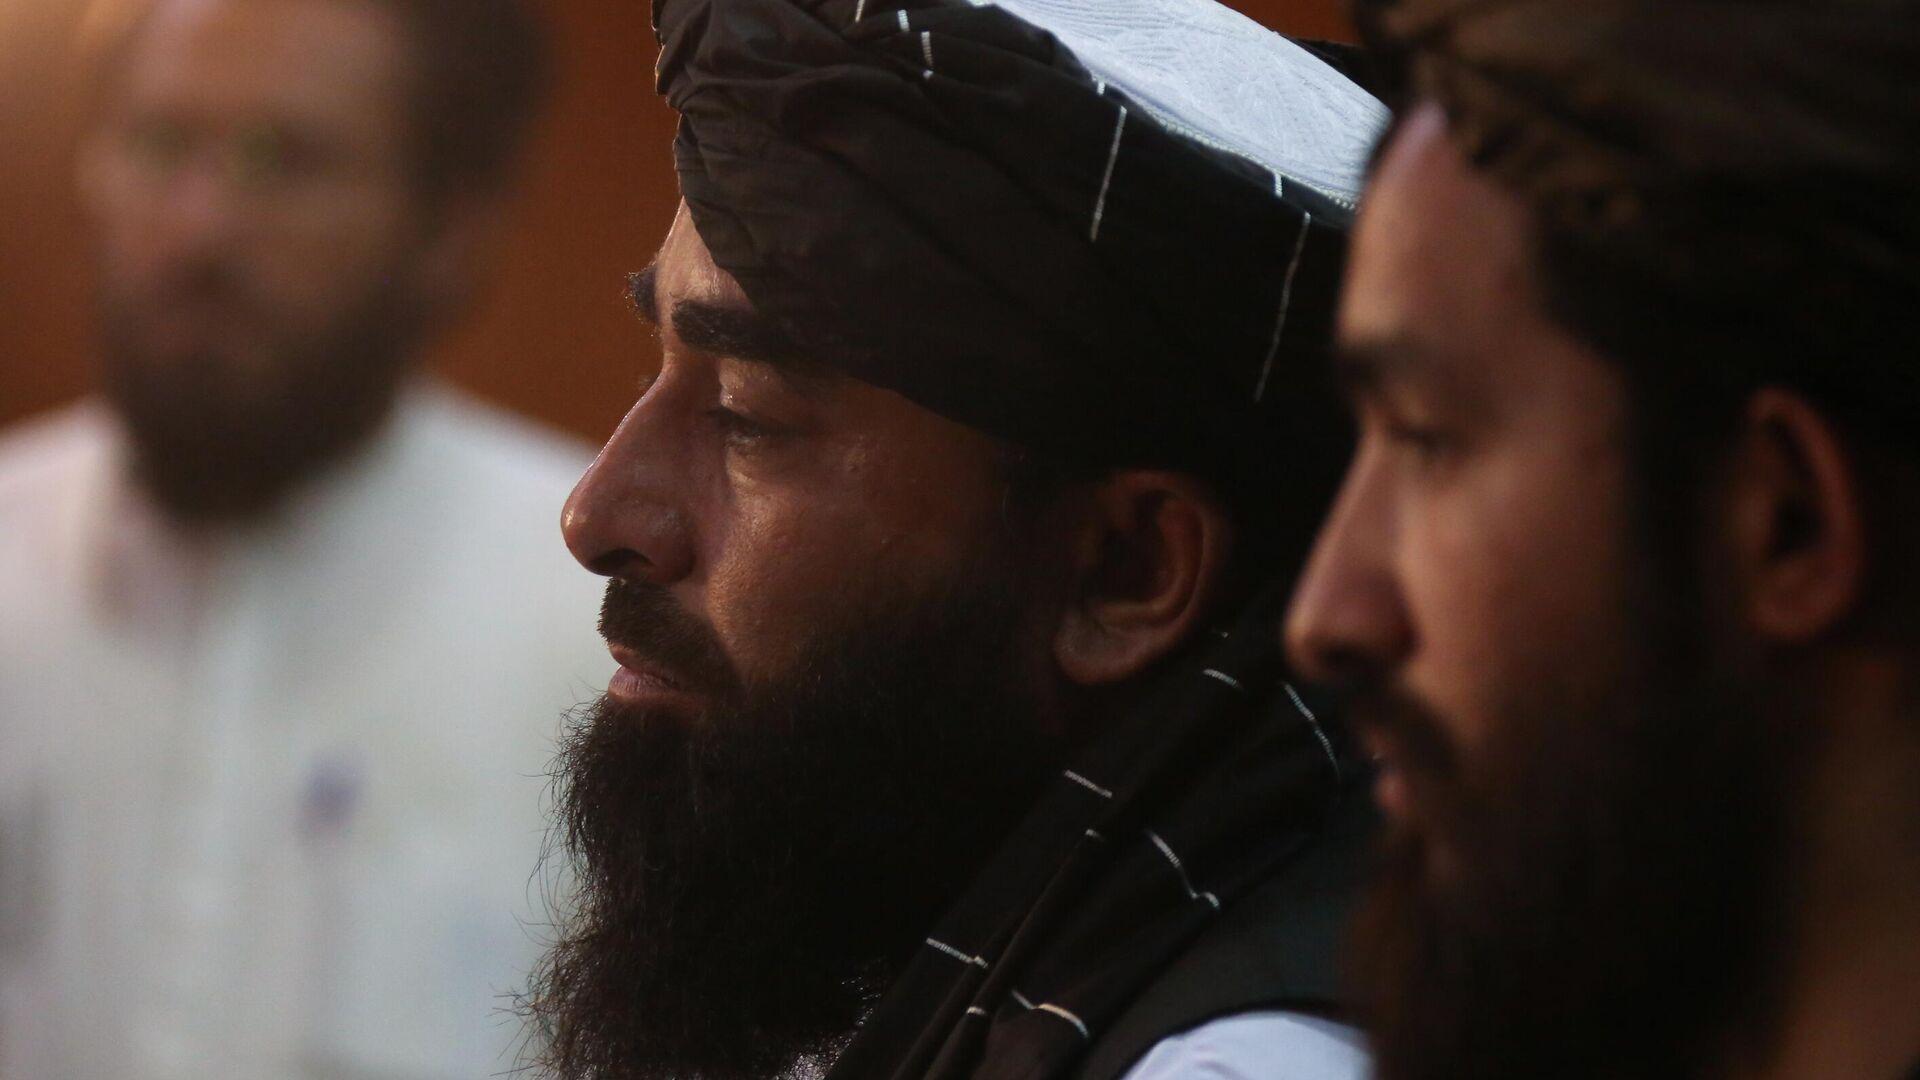 Представитель движения Талибан (террористическая организация, запрещена в РФ) Забиулла Муджахид во время пресс-конференции в Кабуле - РИА Новости, 1920, 24.09.2021